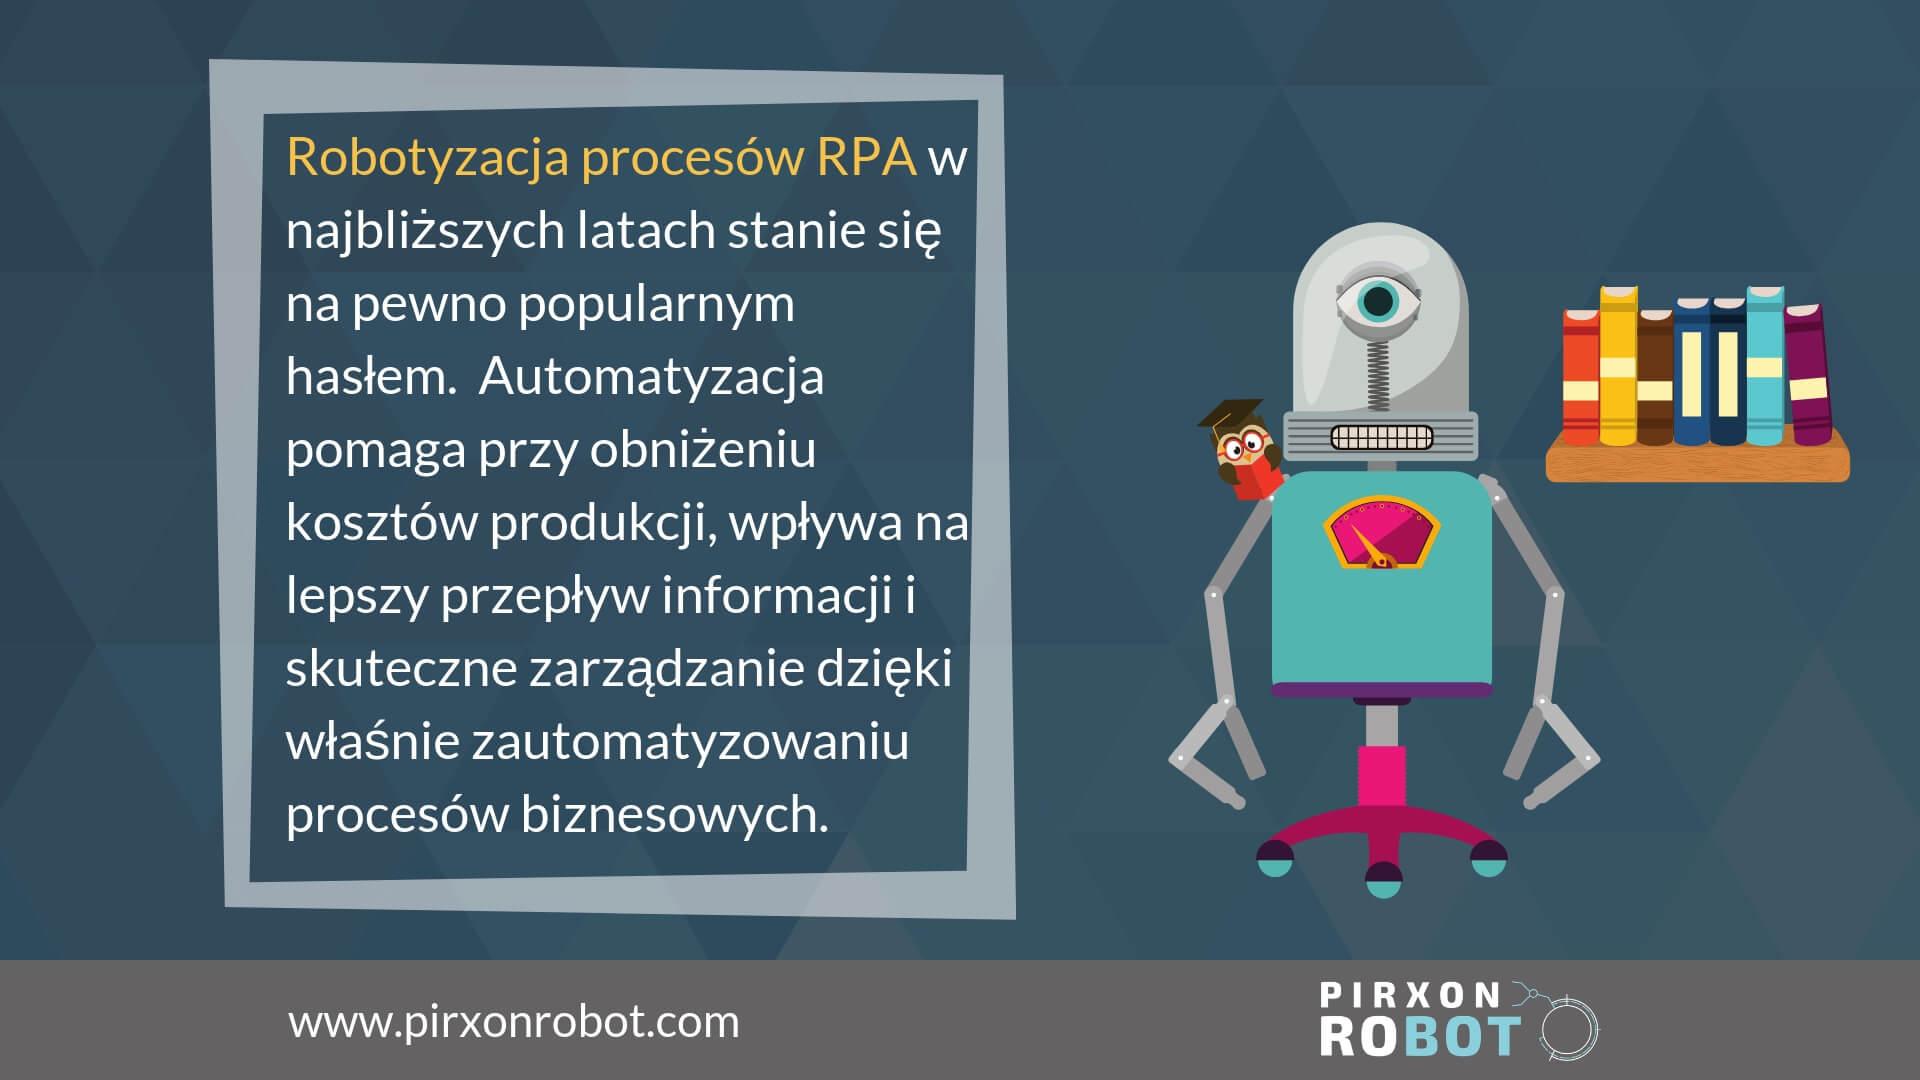 robotyzacja procesów RPA pirxonrobot